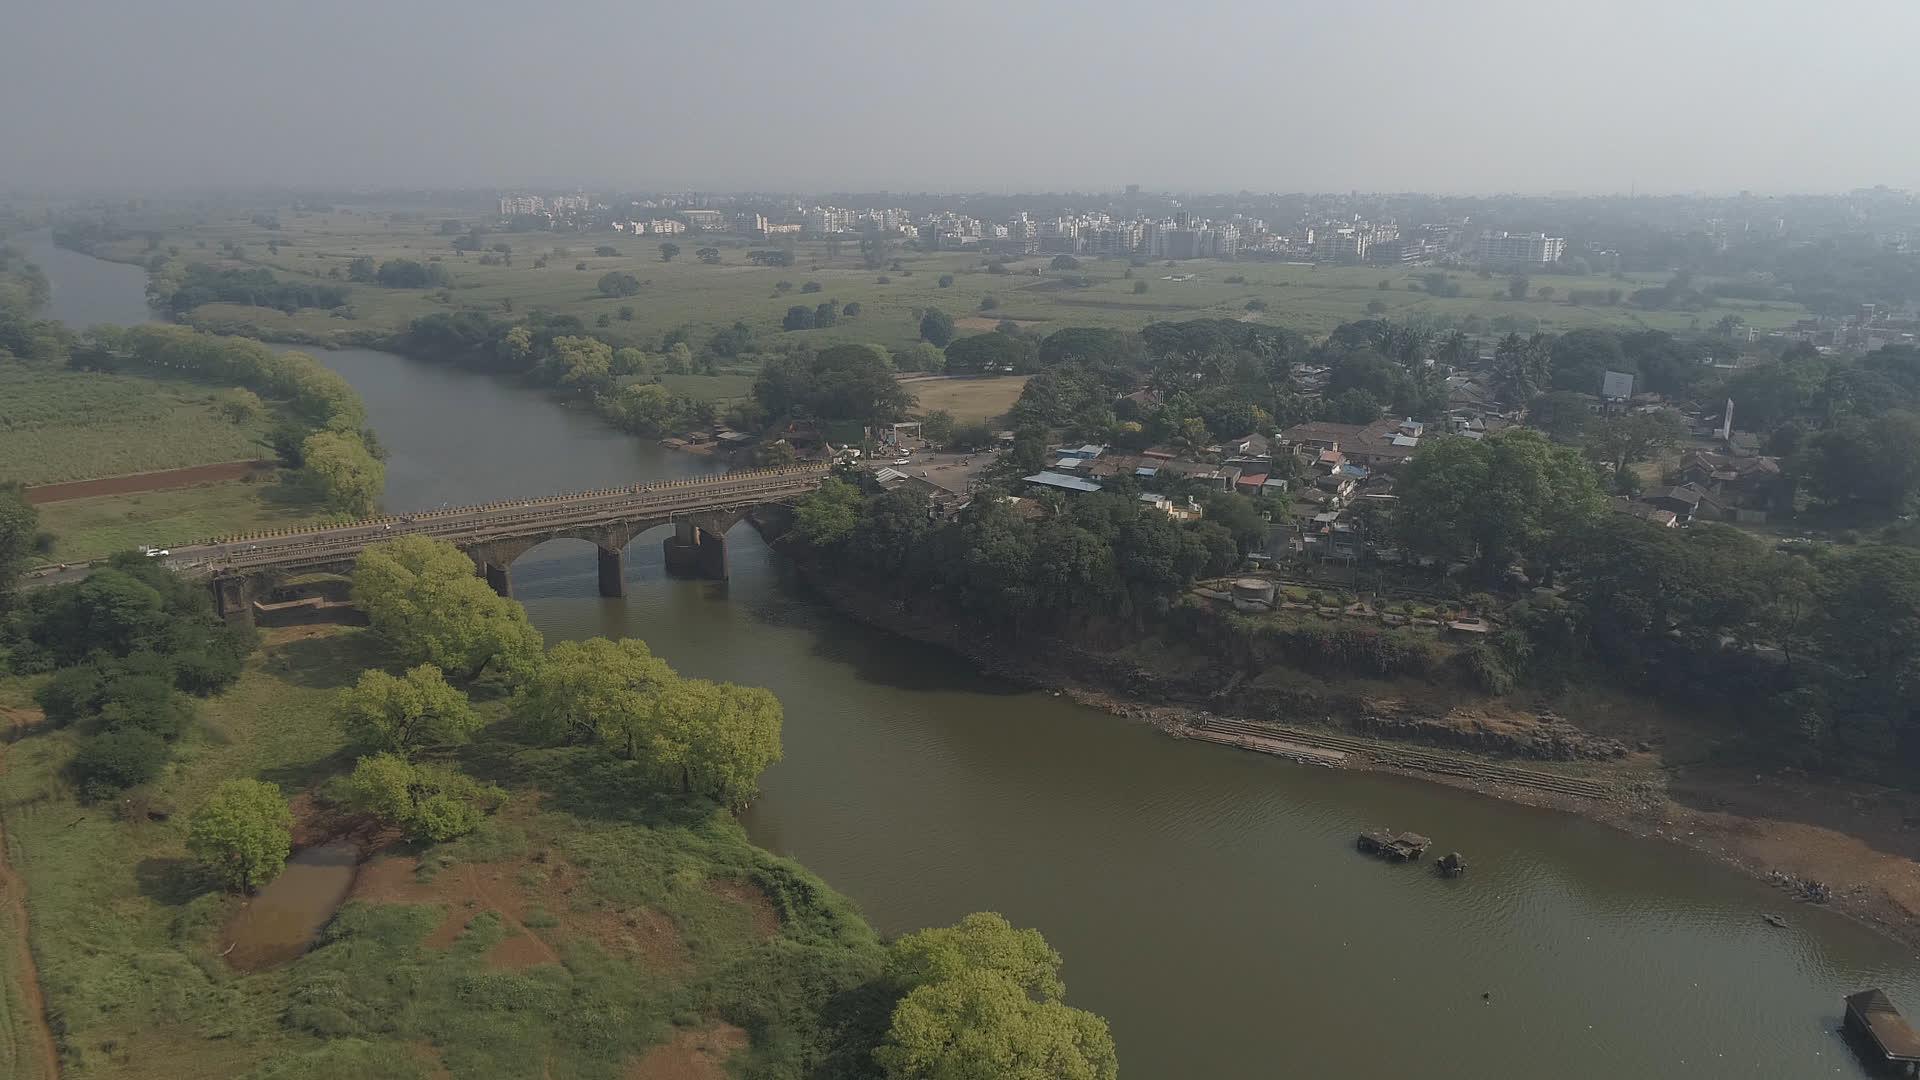 Kolhapur's Roman Connection